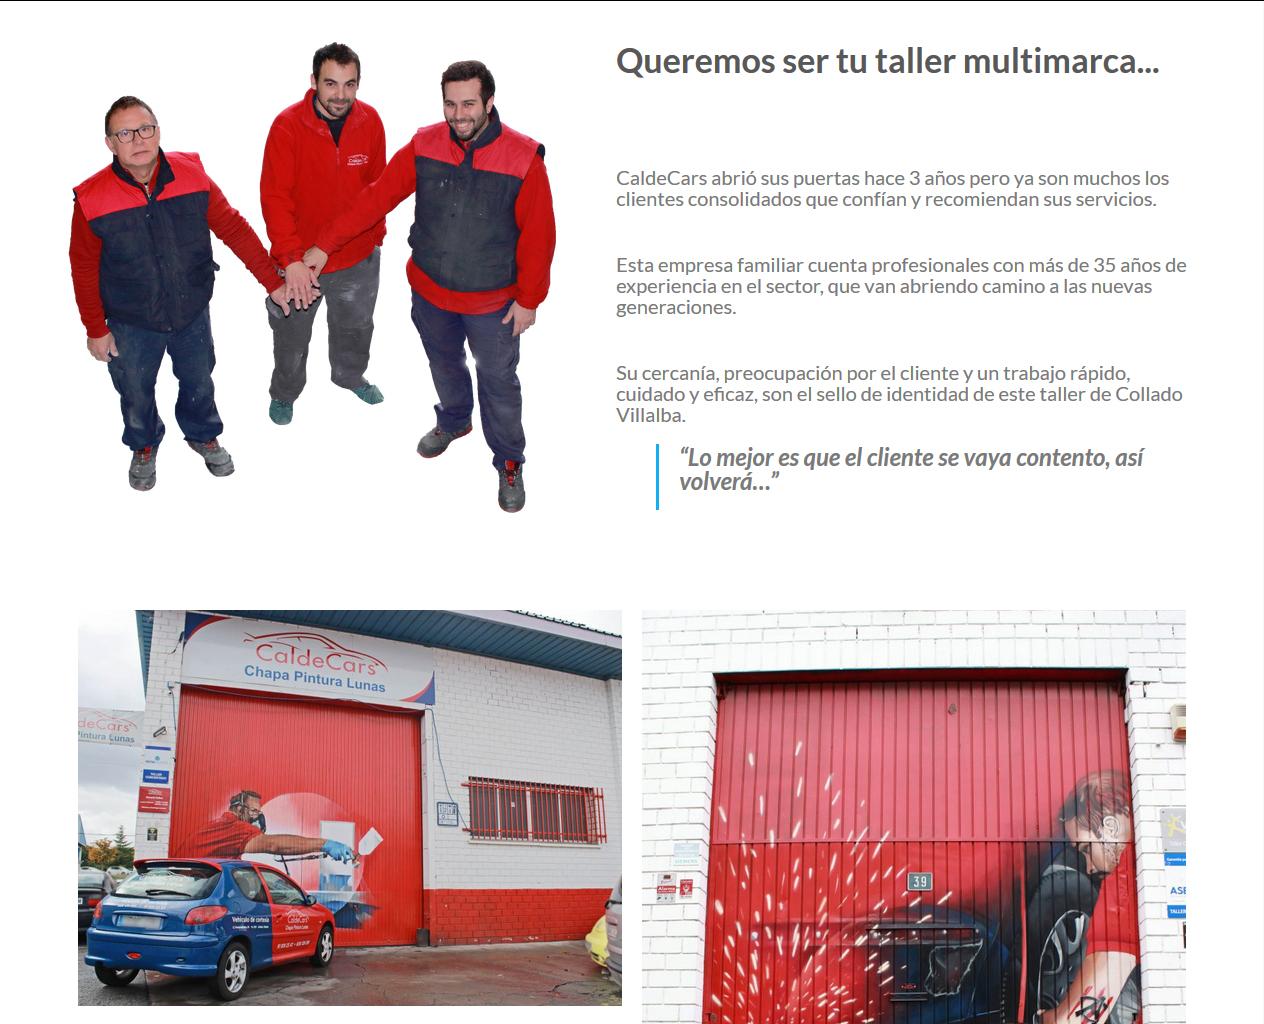 Otro cliente flipaz.es: Caldecars, taller en Collado Villalba